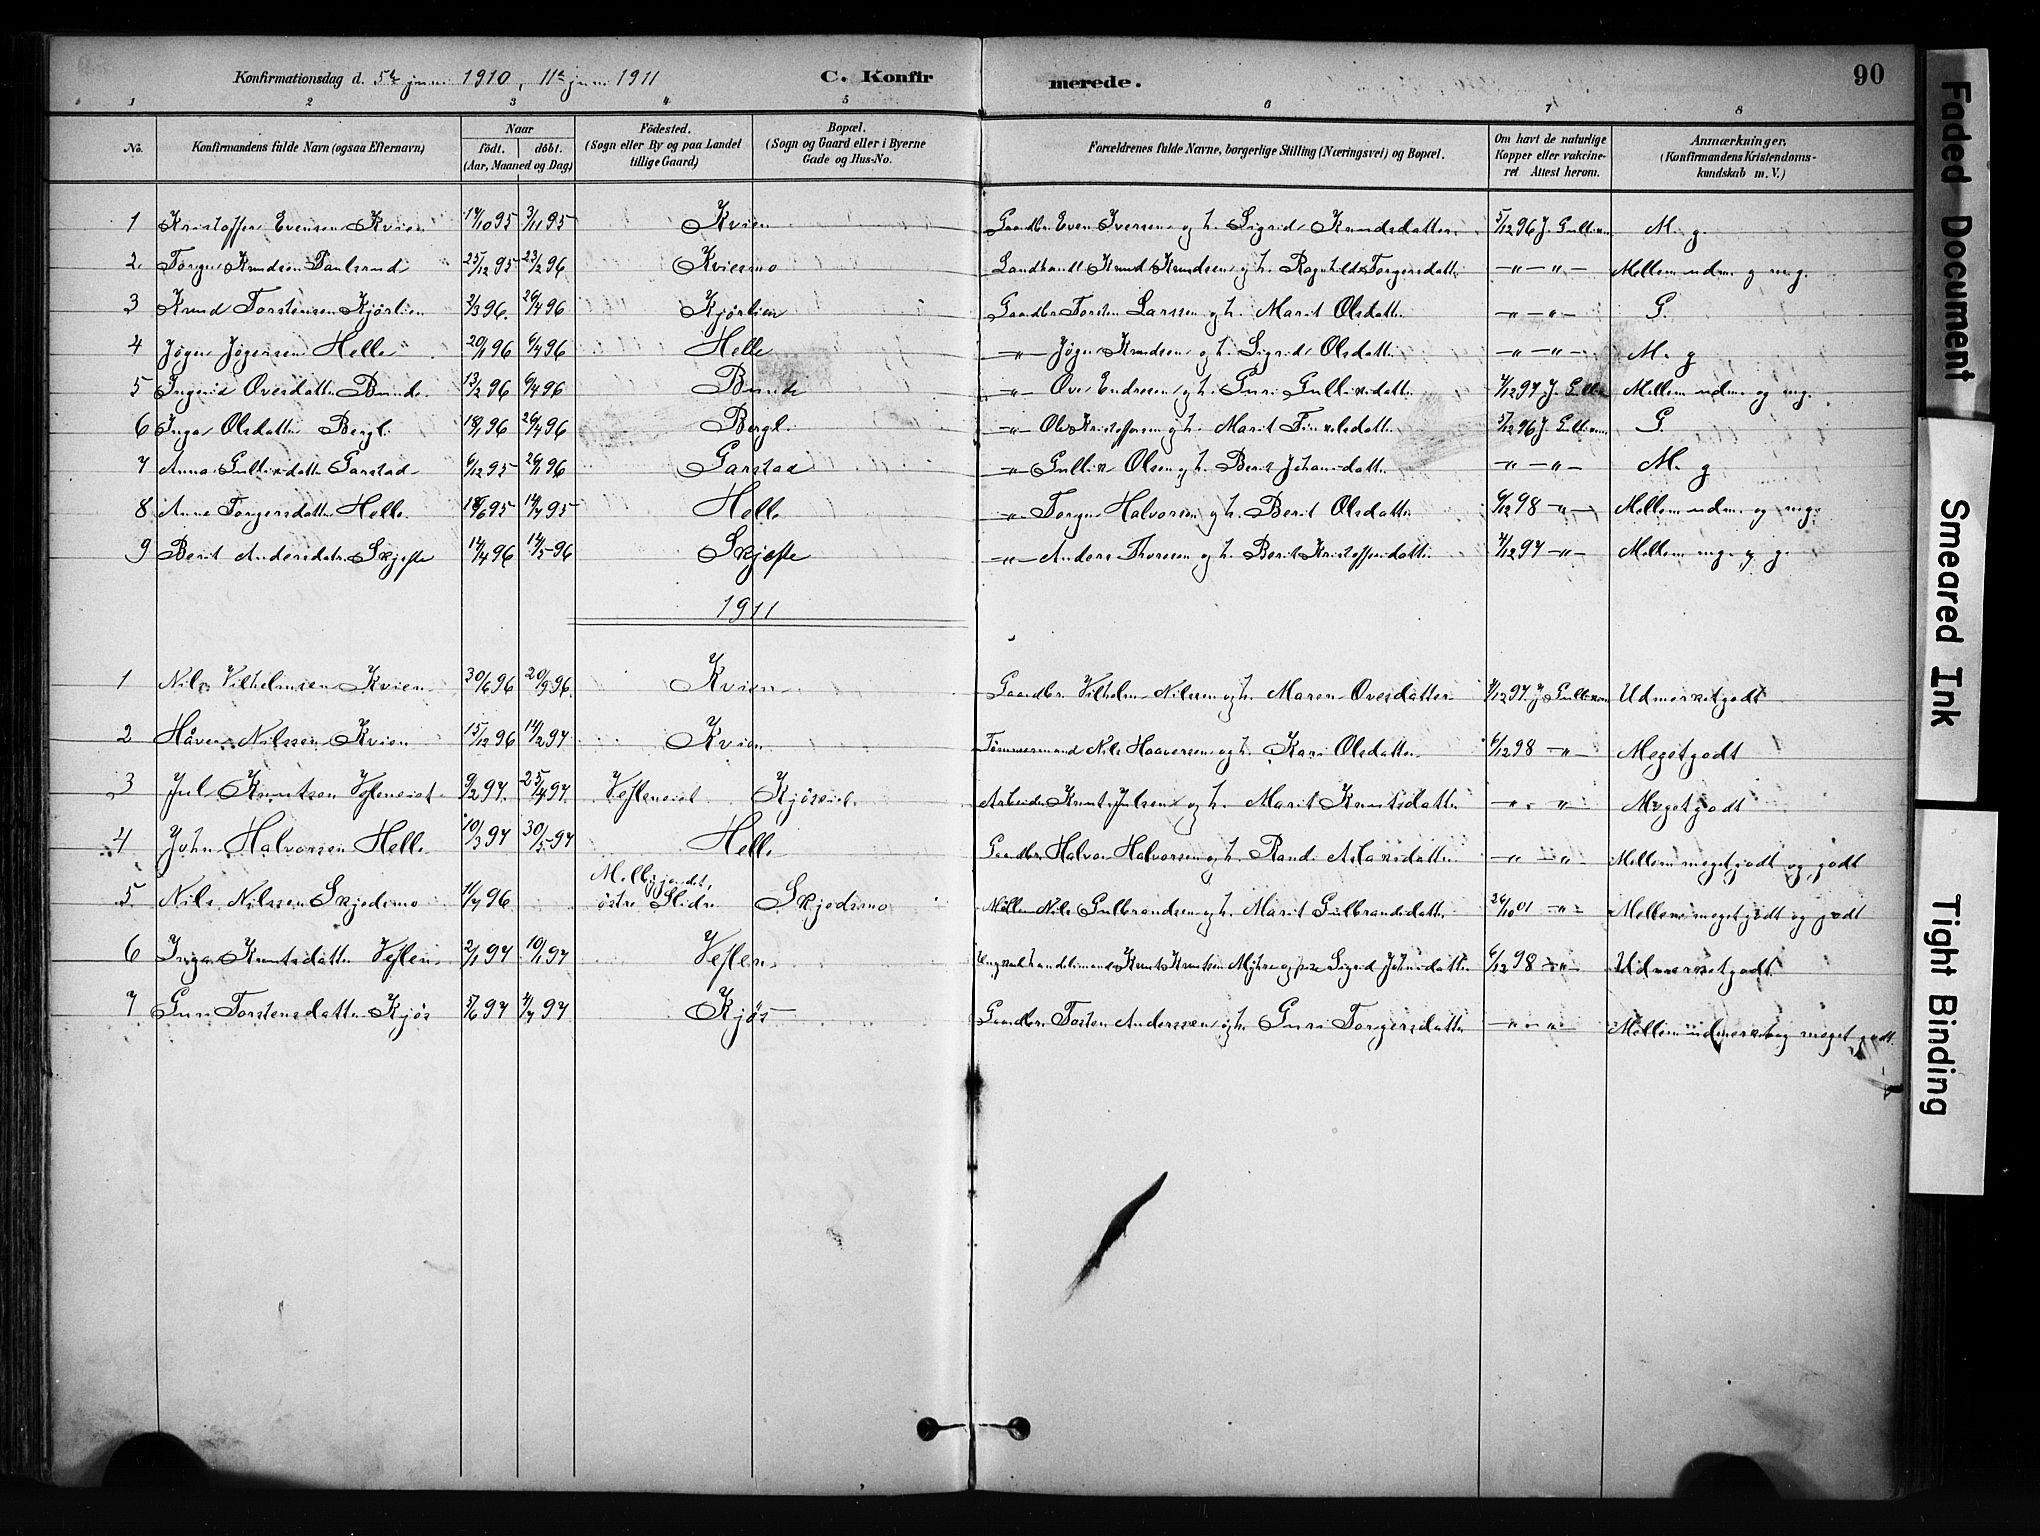 SAH, Vang prestekontor, Valdres, Ministerialbok nr. 9, 1882-1914, s. 90